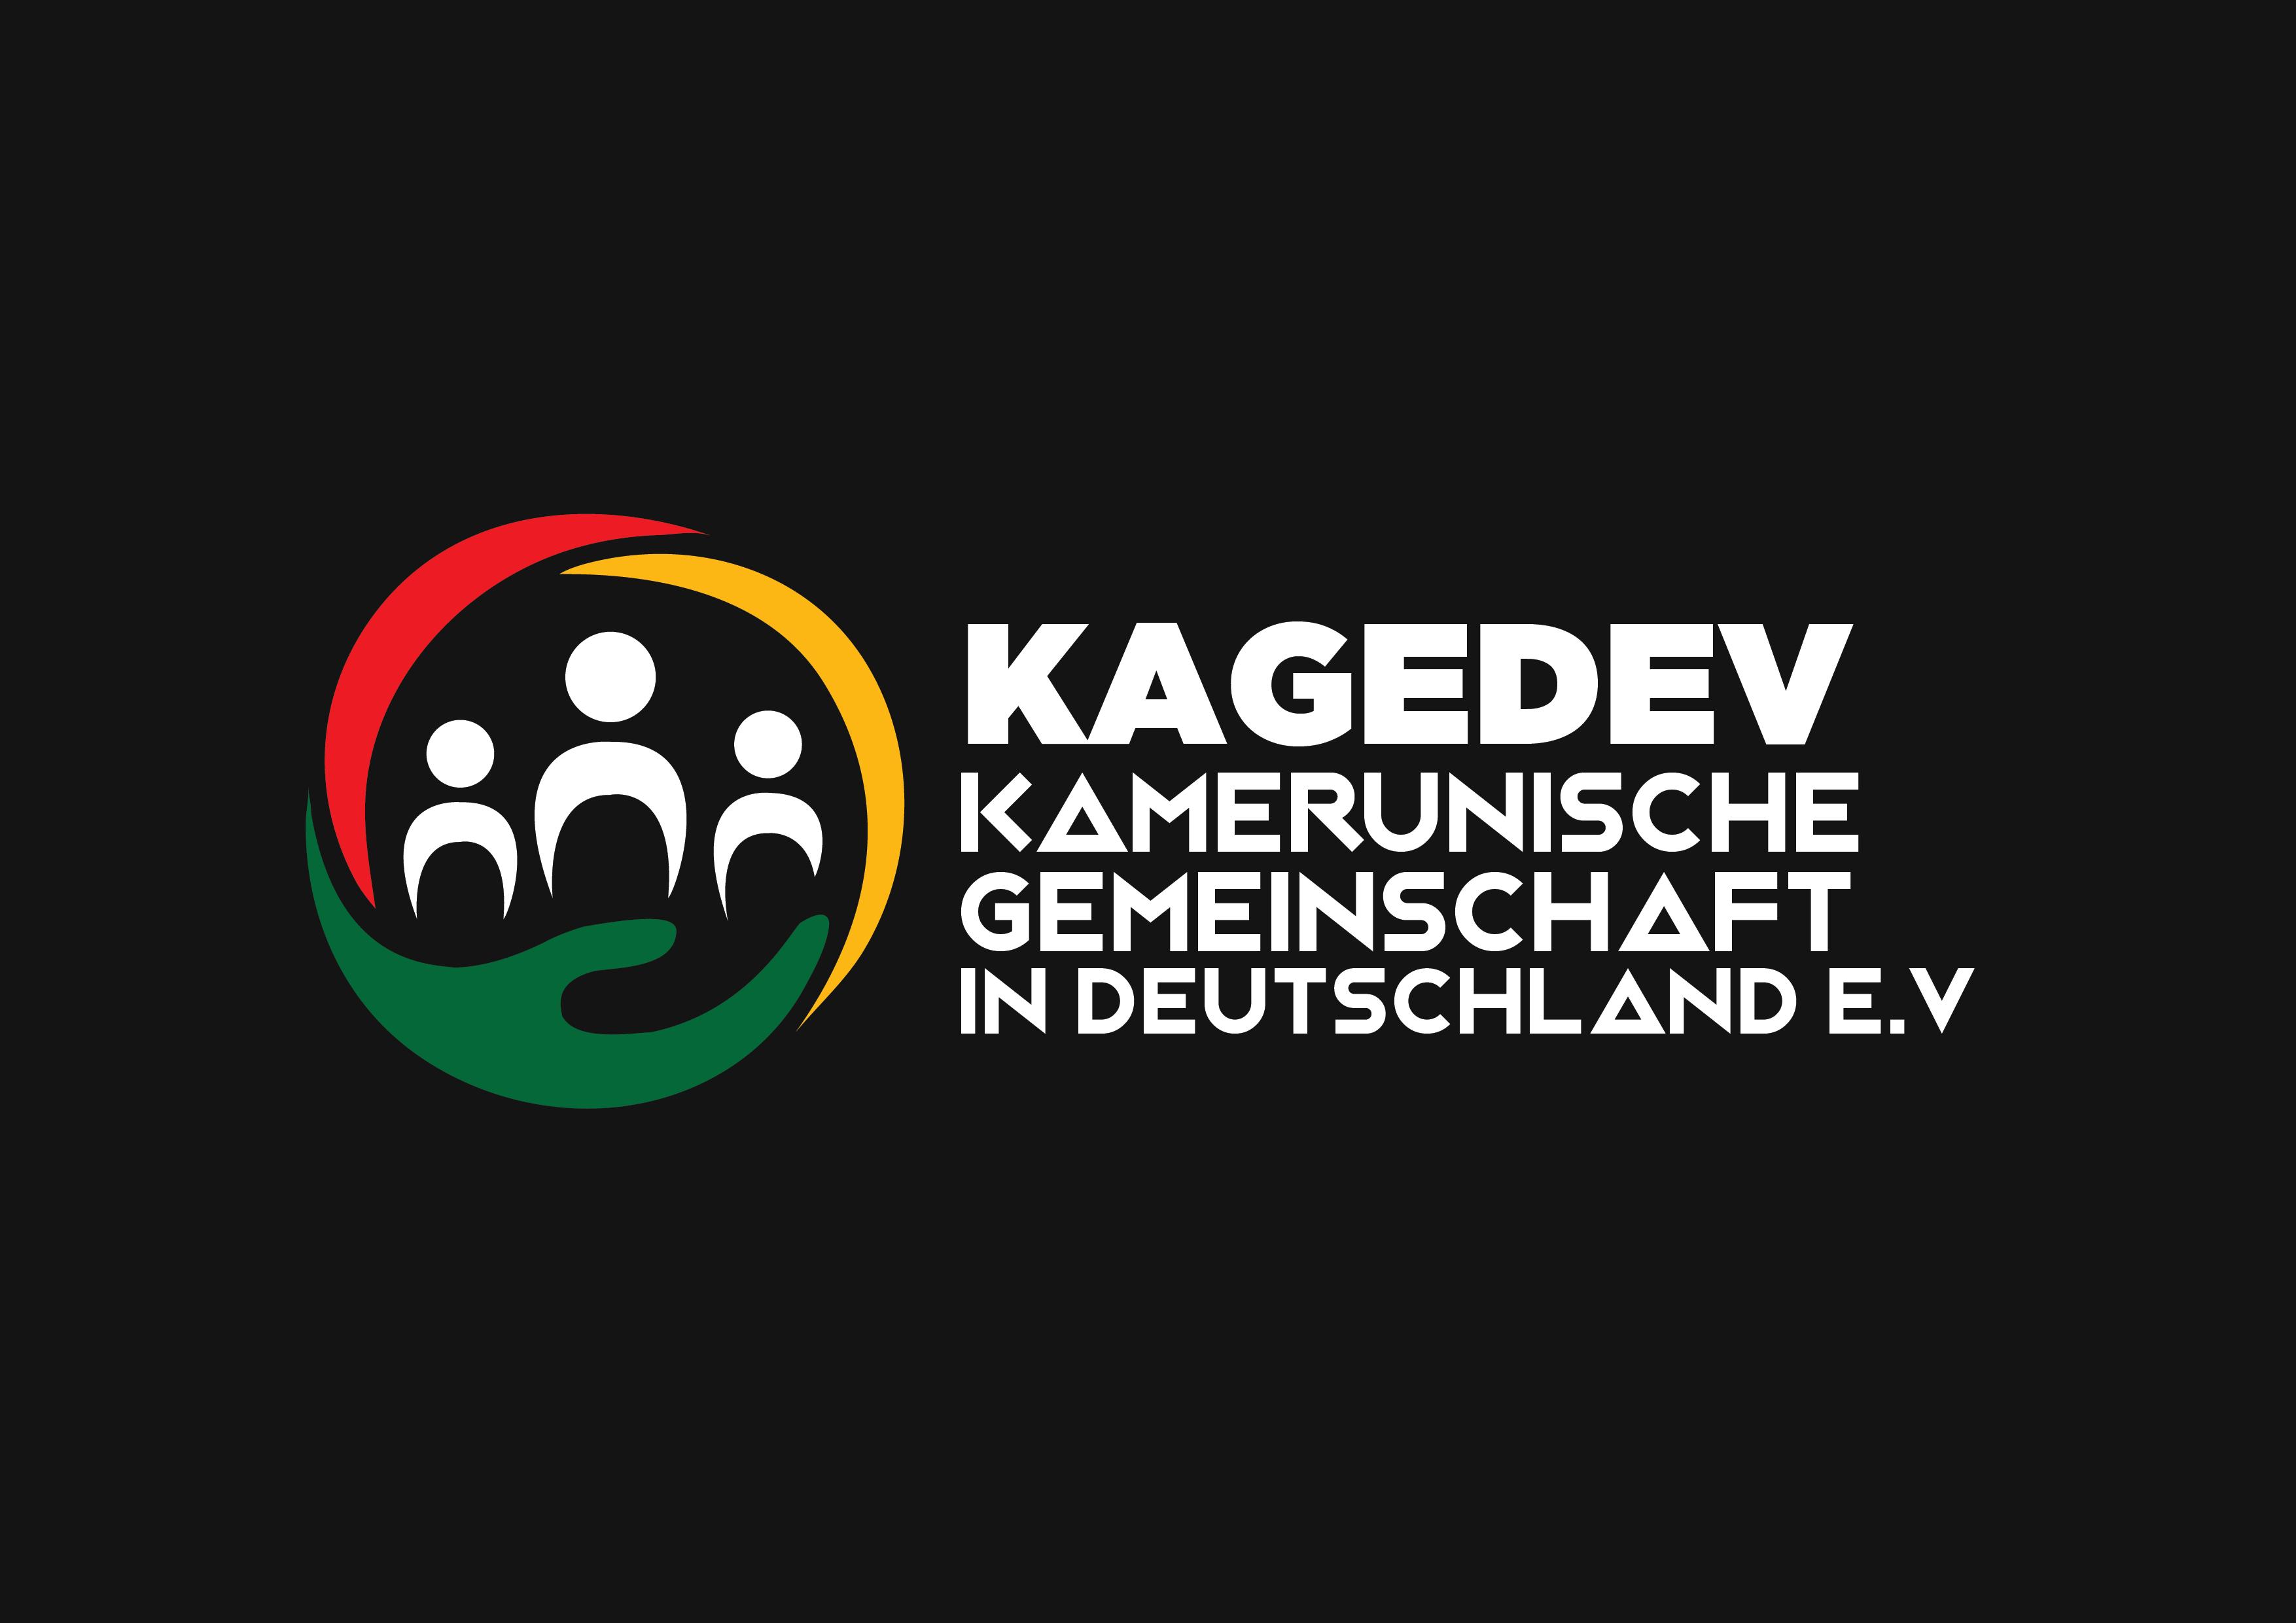 KAGEDEV